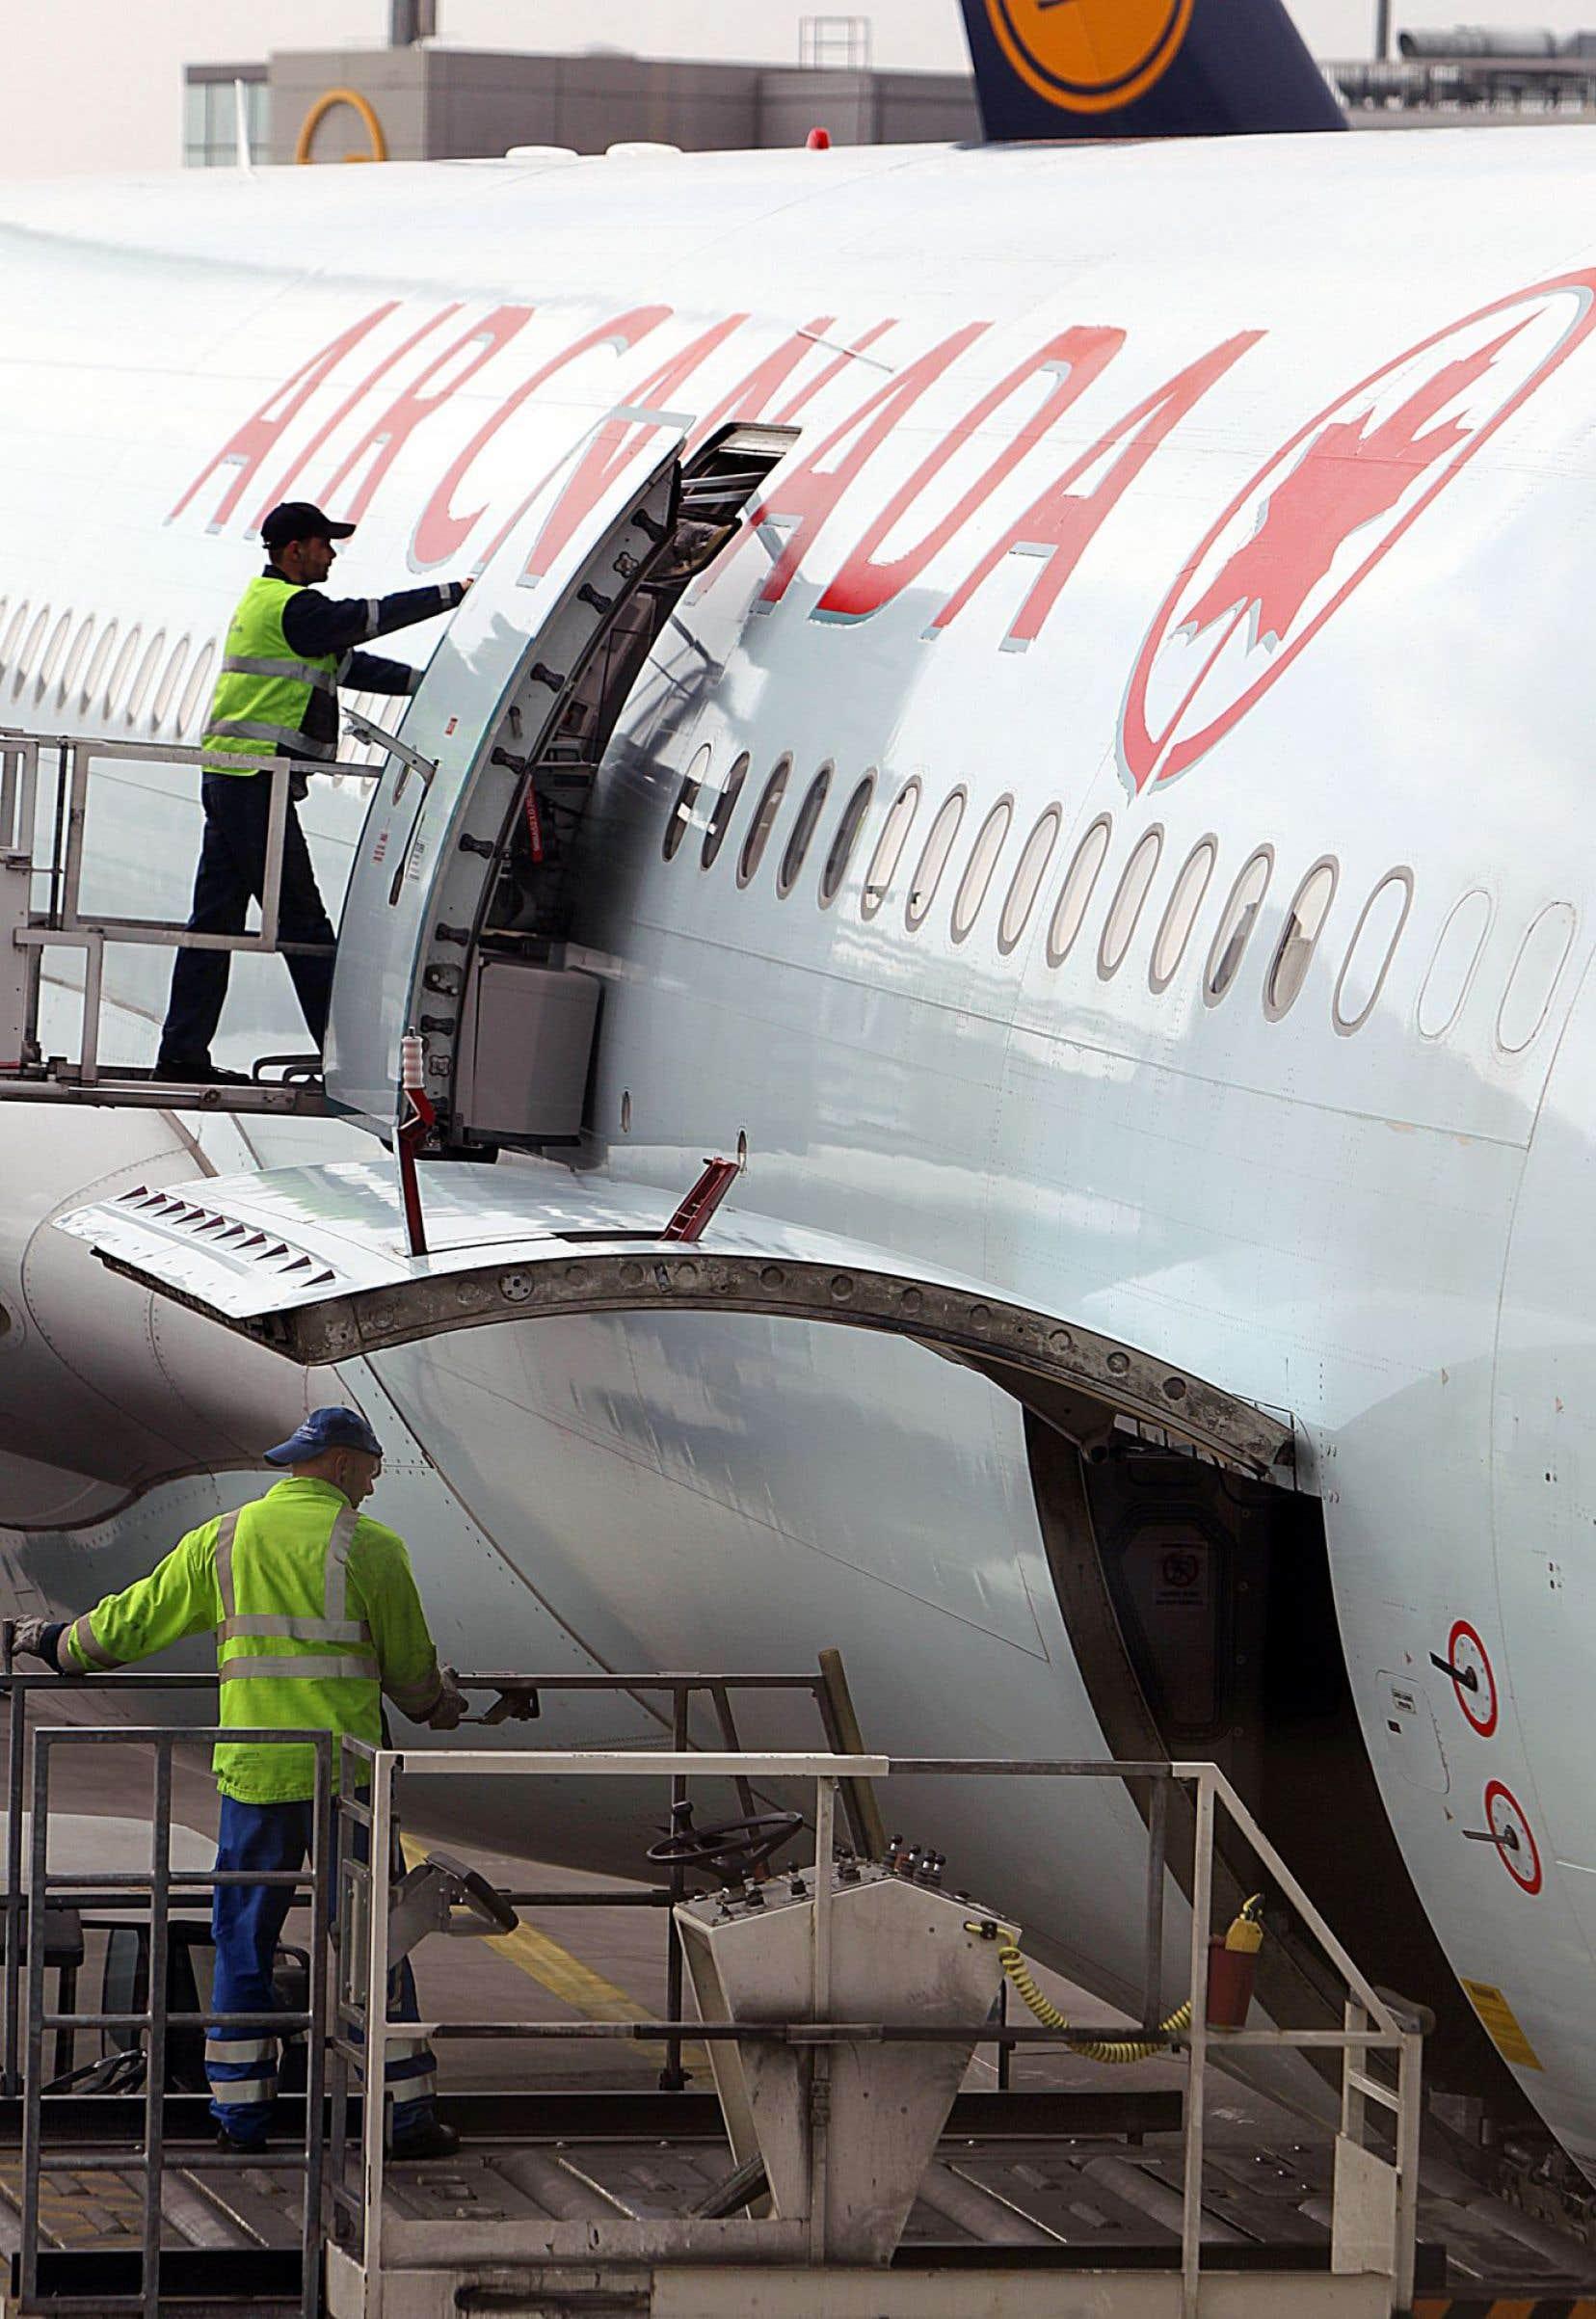 Il s'agit du premier vol direct vers la Chine offert par Air Canada.